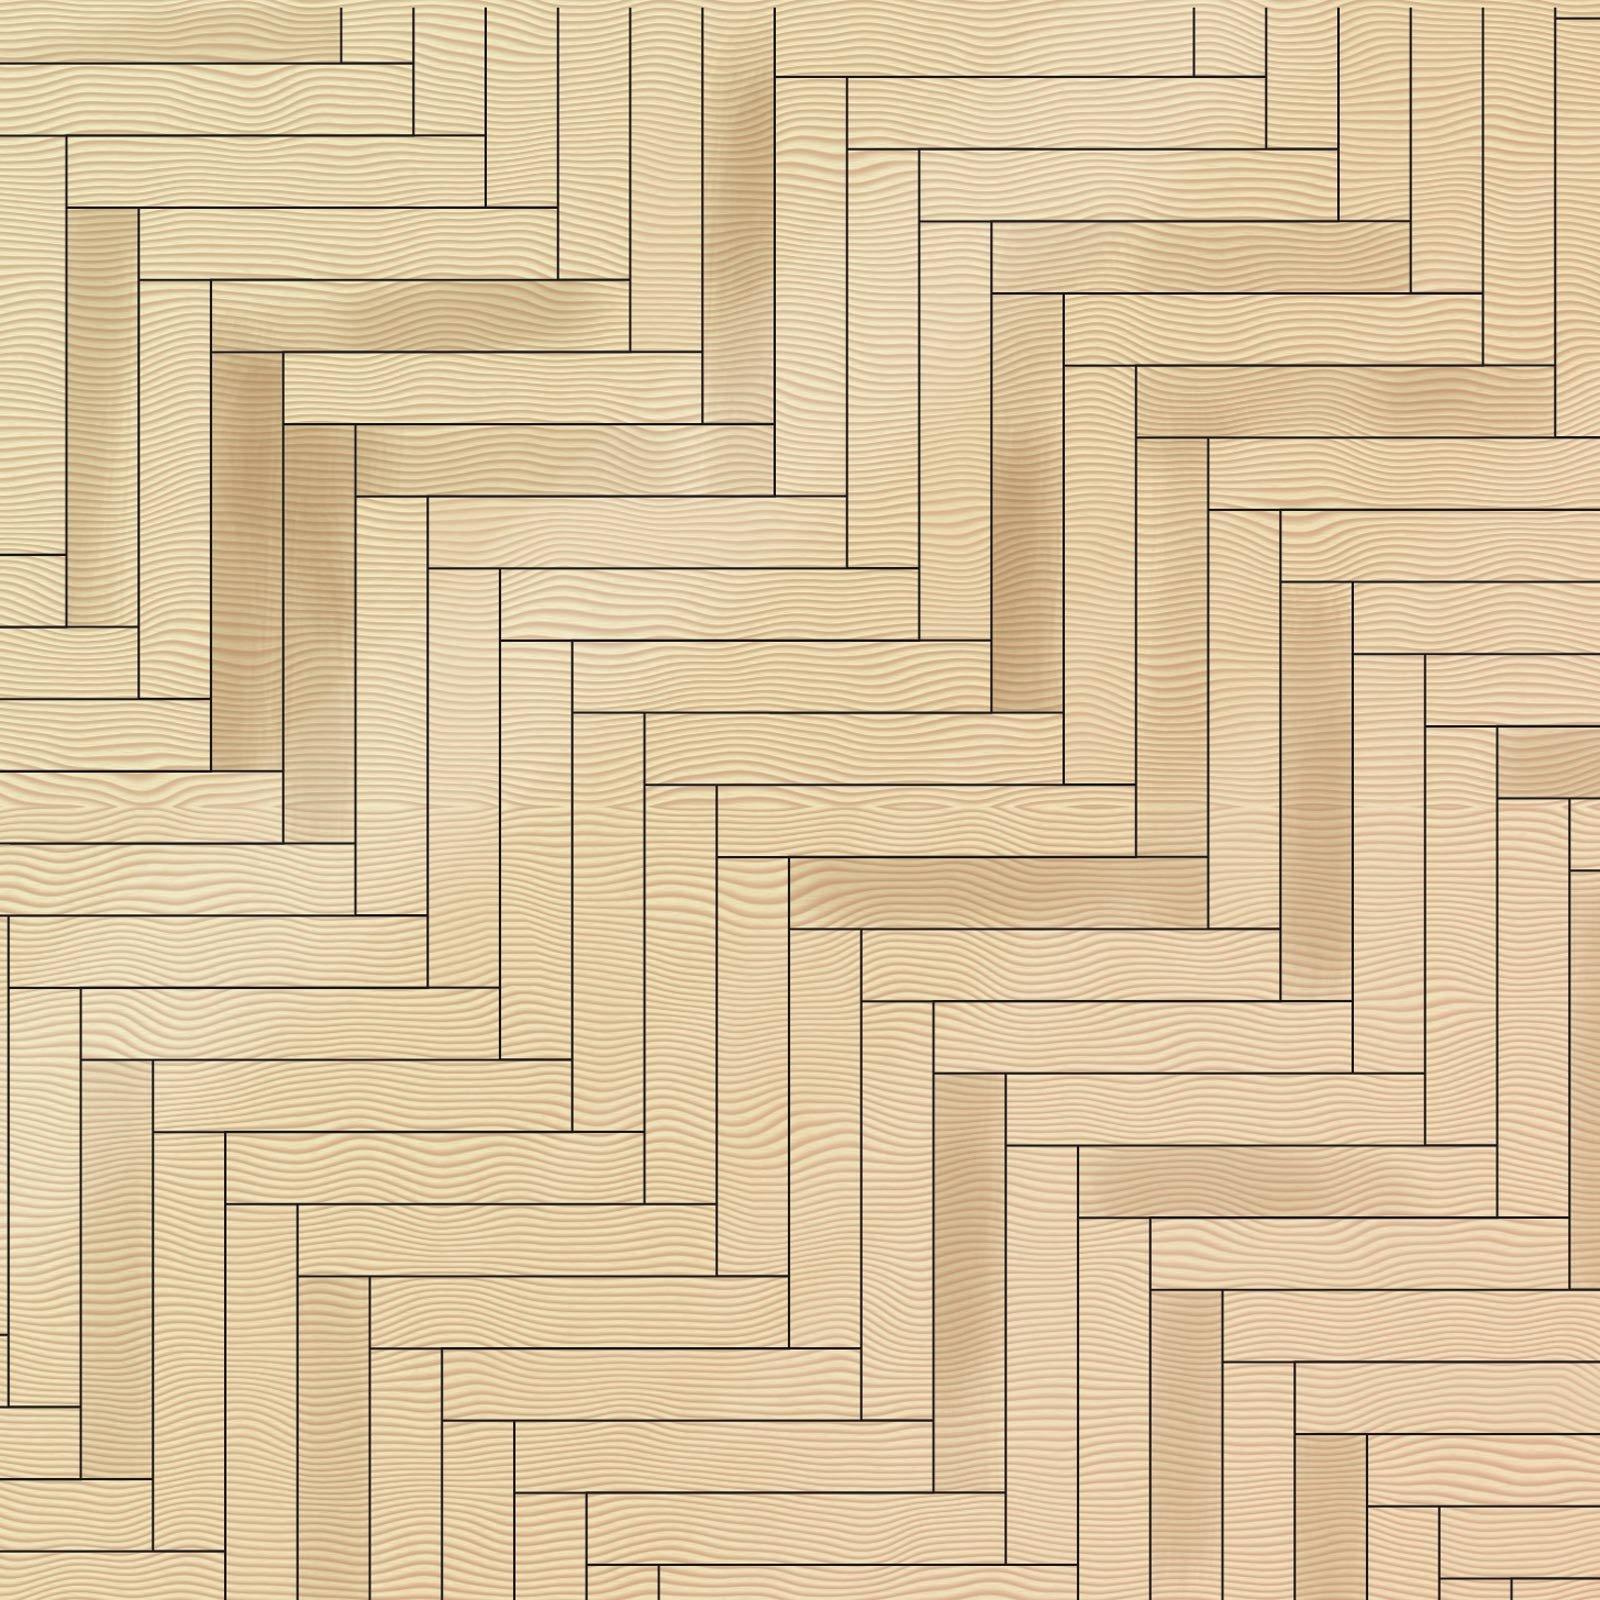 Modi Di Posa Del Parquet parquet: geometrie e tipi di posa - cose di casa